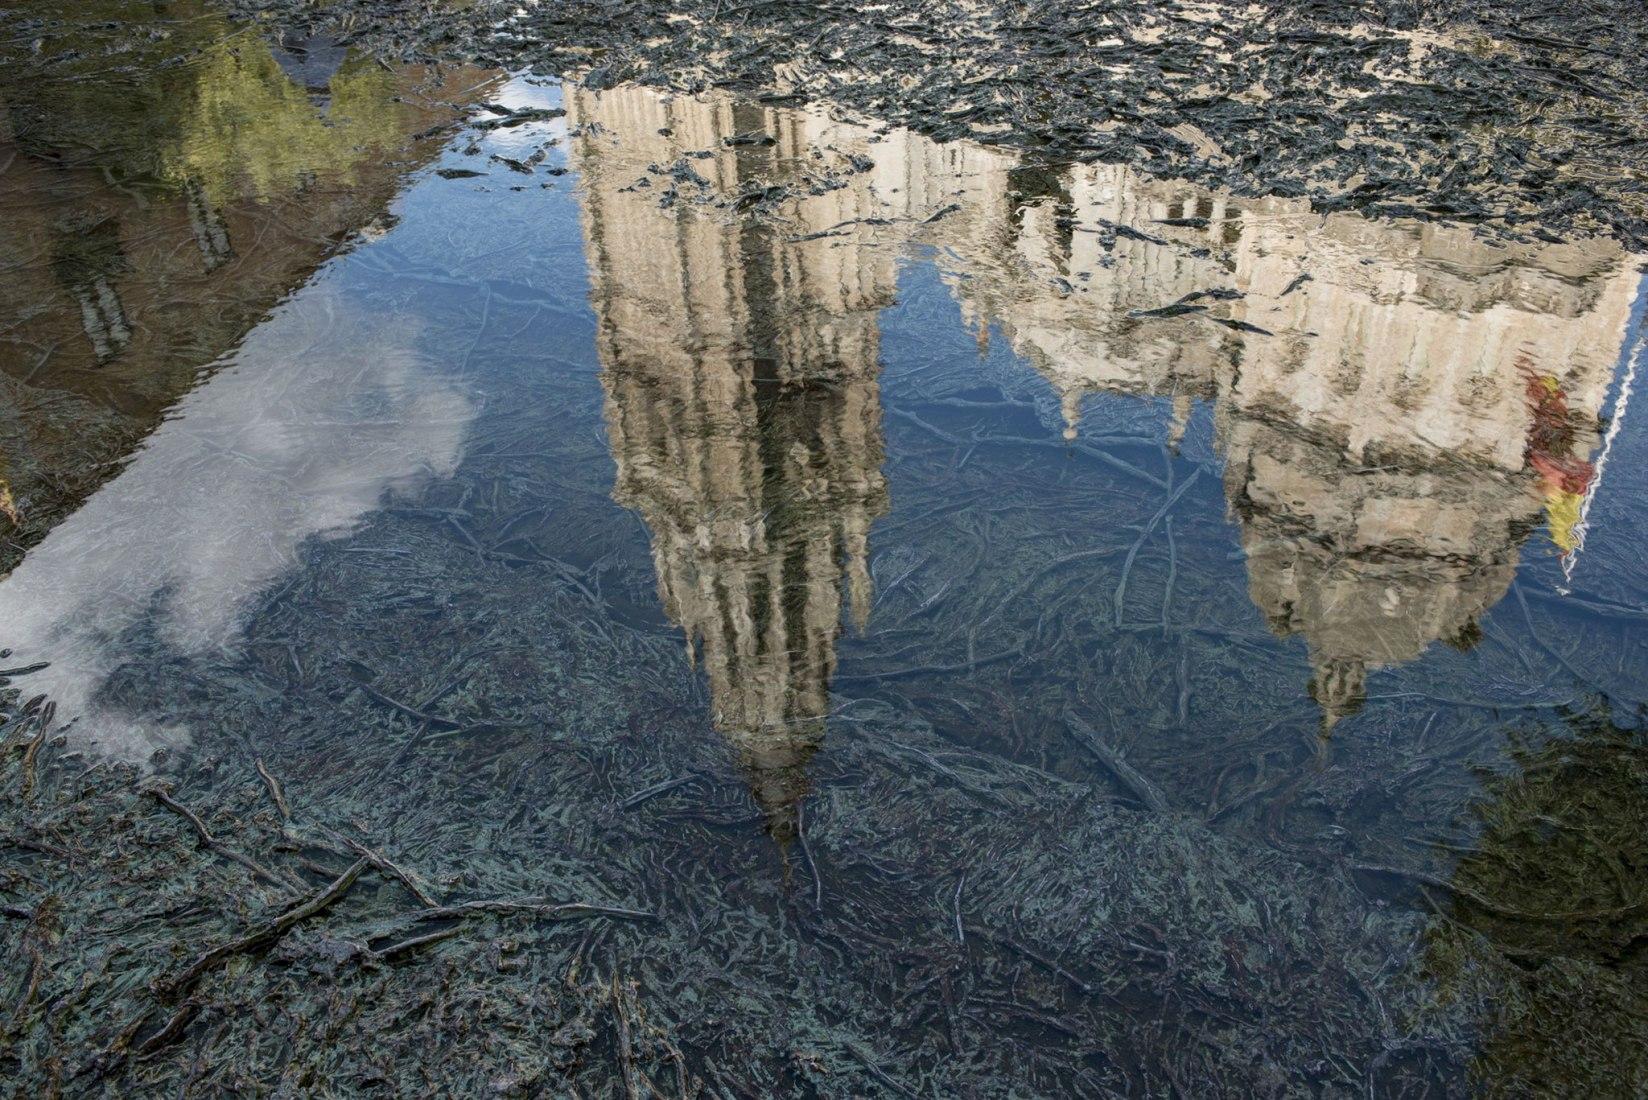 Cristina Iglesias, Tres Aguas, 2014. Acero inoxidable, agua y mecanismo hidráulico. Plaza del Ayuntamiento, Toledo. Fotografía de Attilio Maranzano